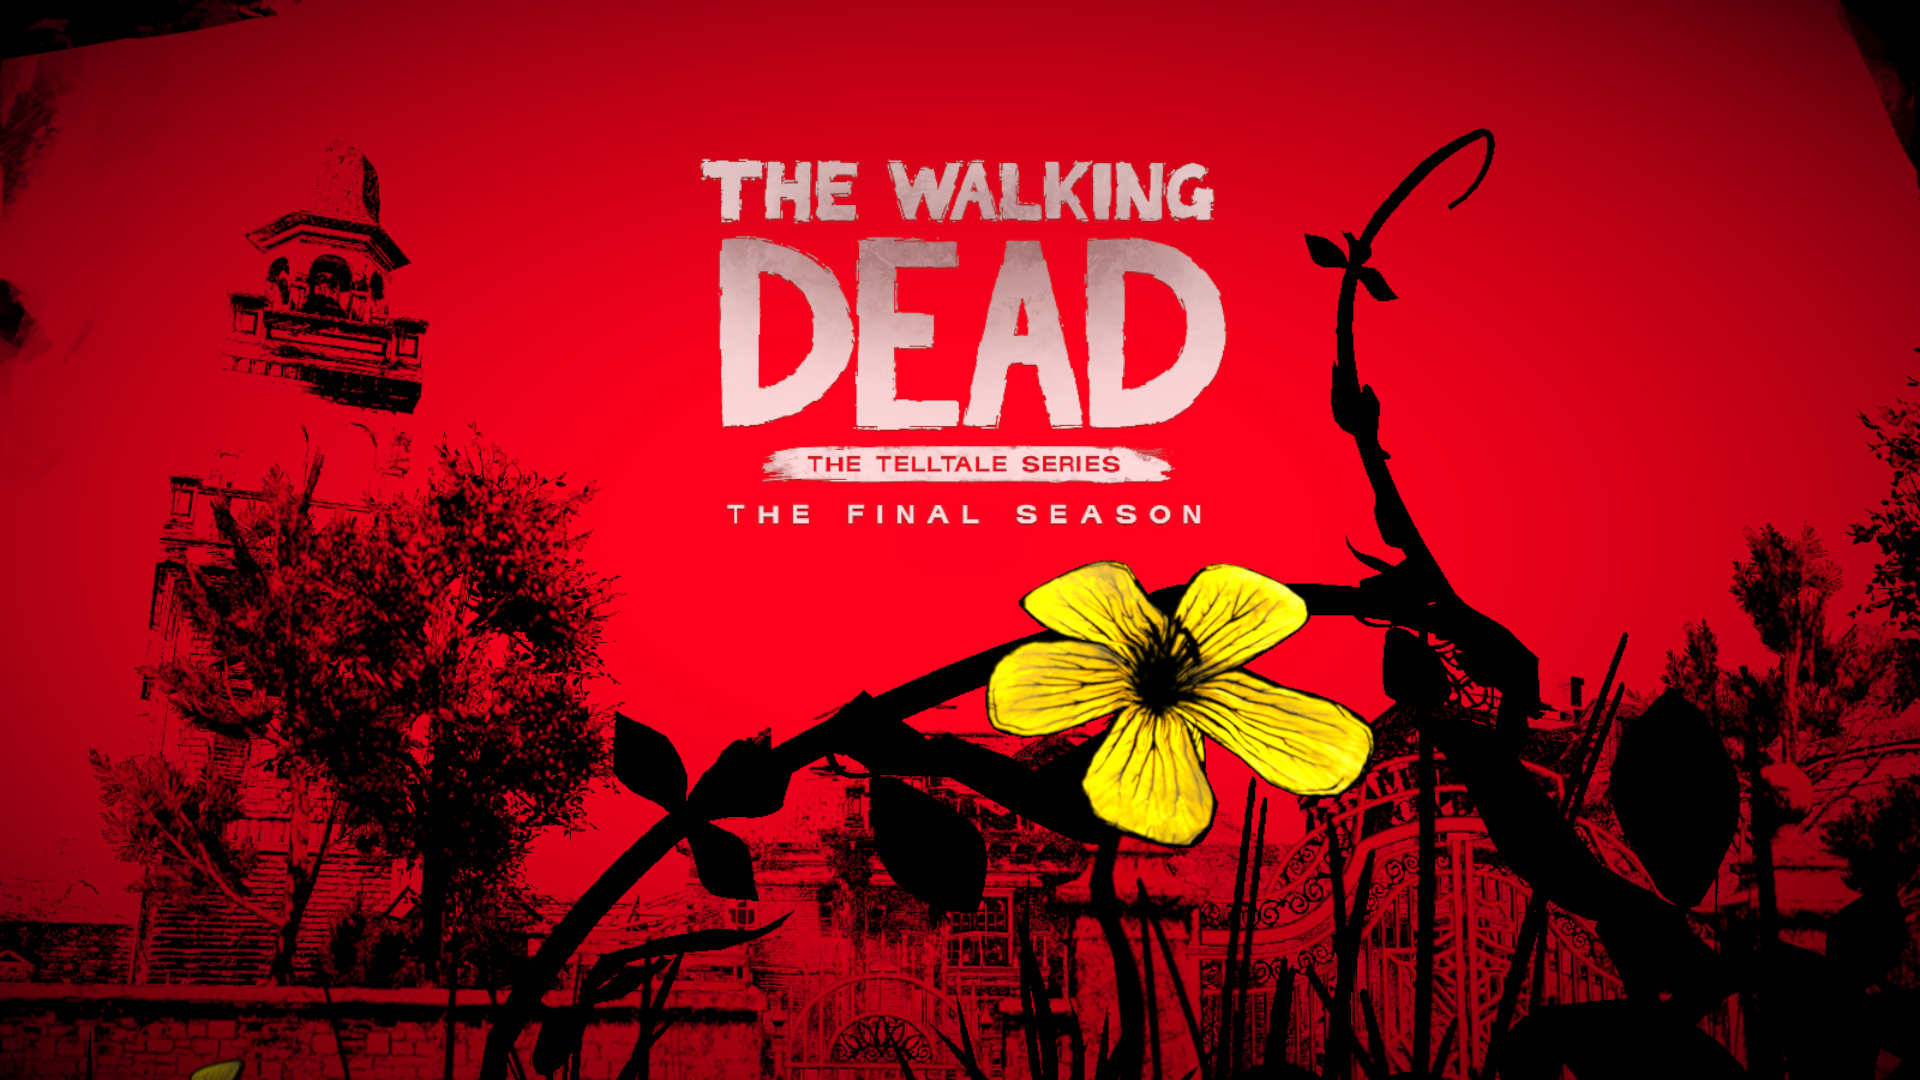 Walking Dead Final Season Title